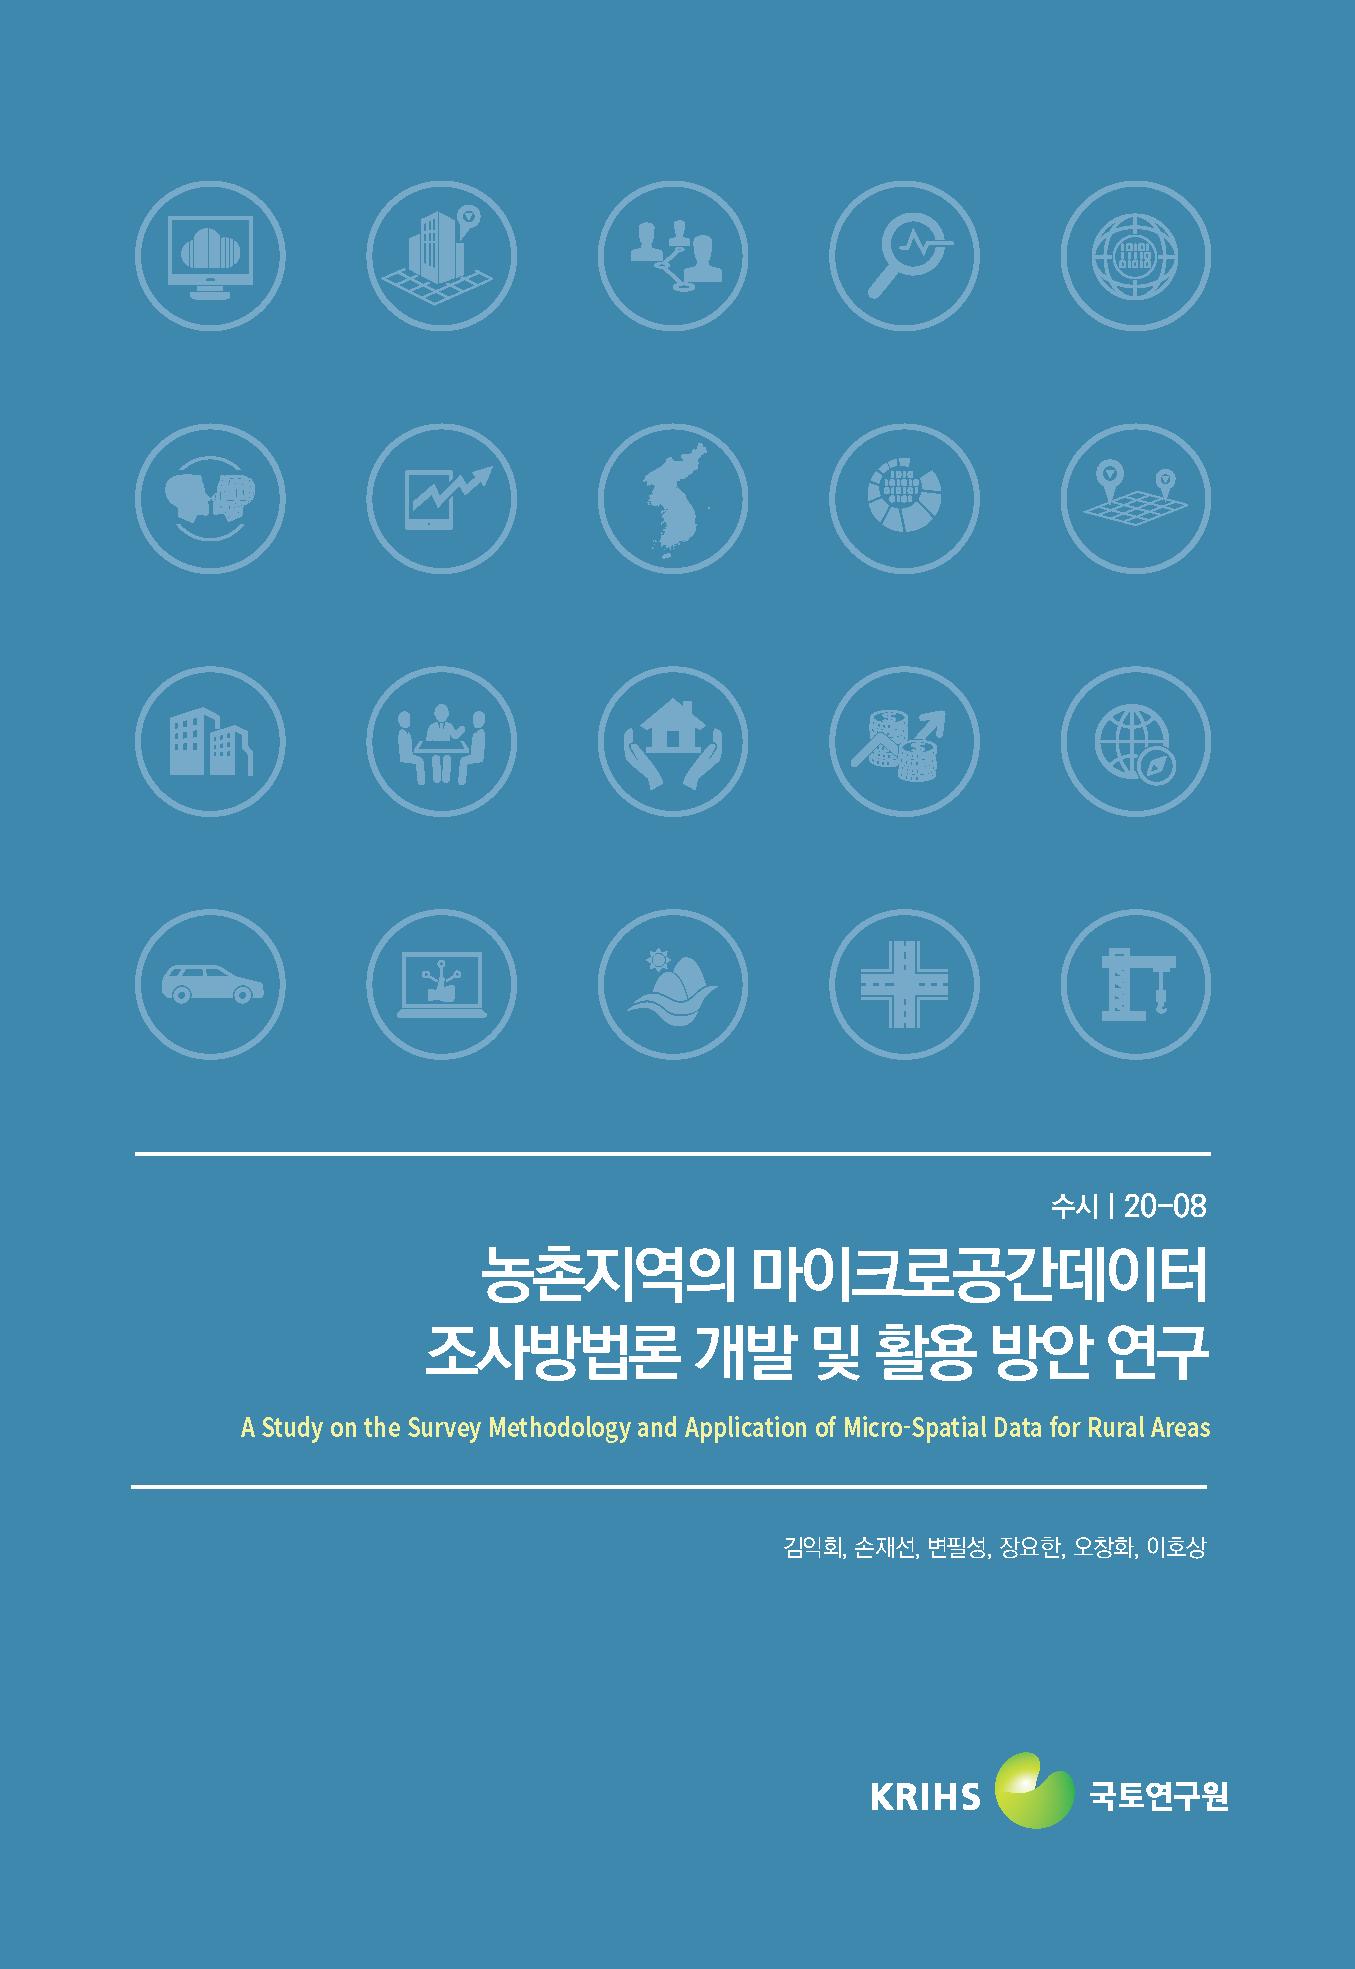 농촌지역의 마이크로공간데이터 조사방법론 개발 및 활용 방안 연구